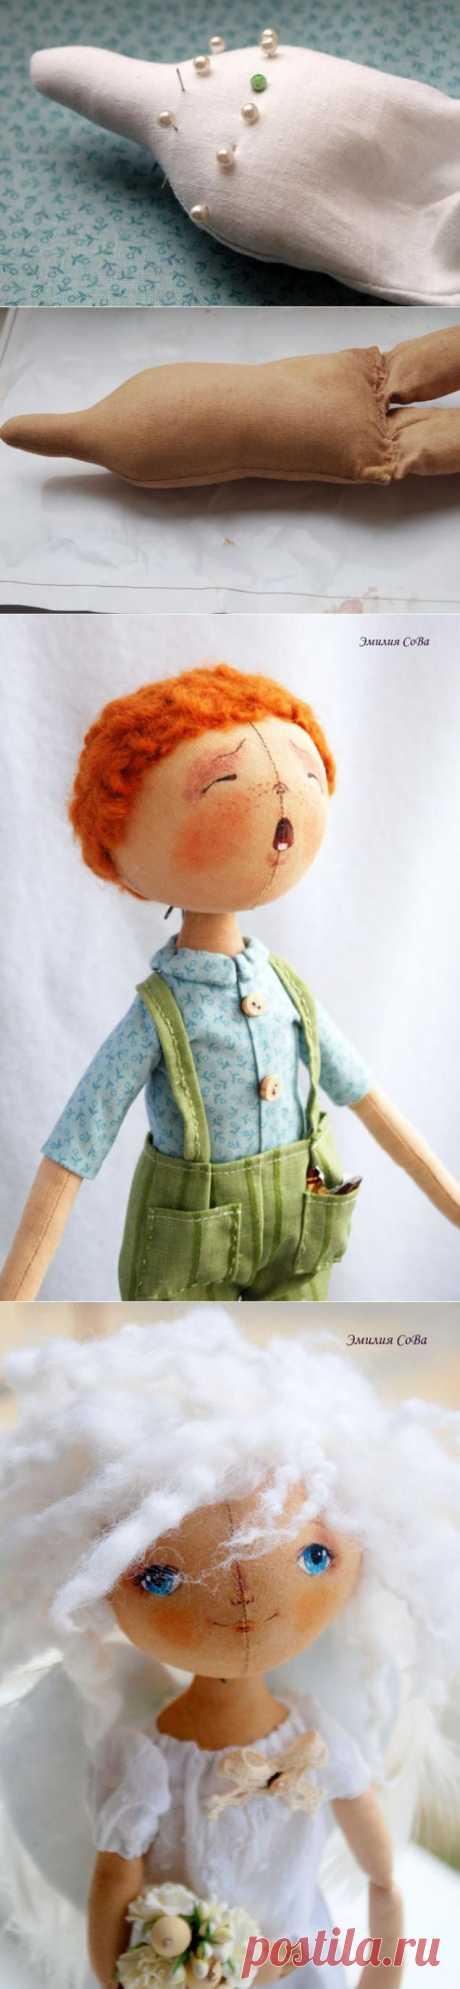 Раскрываю секреты шитья кукол